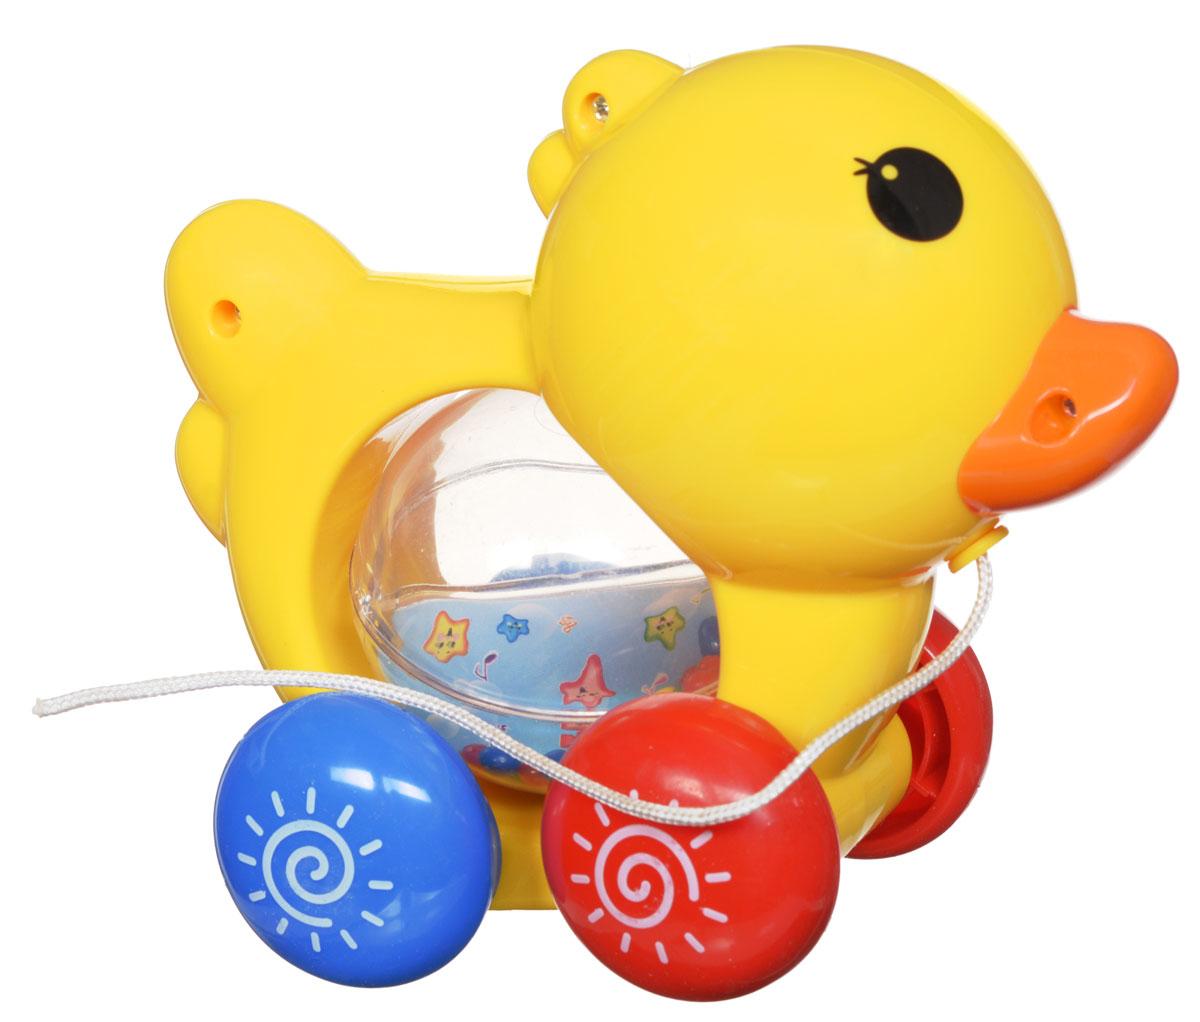 Малышарики Развивающая игрушка Питомец ЦыпленокMSH0303-018_цыпленокРазвивающая игрушка Малышарики Питомец. Цыпленок поможет малышу ближе познакомиться с миром звуков. Игрушка выполнена в ярком дизайне в виде цыпленка, внутри которого расположен прозрачный подвижный шар с маленькими шариками внутри. С первых месяцев жизни малыш начинает интересоваться яркими, подвижными предметами, ведь они являются его главными помощниками в изучении нашего удивительного мира. Забавная игрушка развивает мелкую моторику, слуховое восприятие и концентрацию внимания. Рекомендуется докупить 3 батарейки типа AG13 (товар комплектуется демонстрационными).